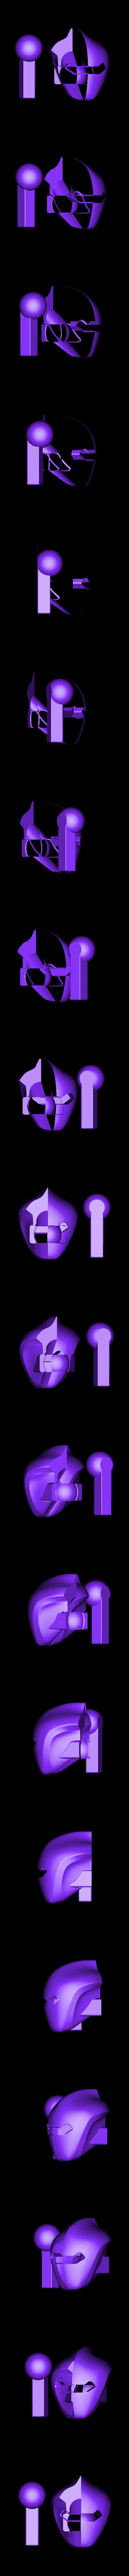 head_and_neck.stl Télécharger fichier STL gratuit RoboLabs Lunar Elite - Vertex • Design pour impression 3D, Yazhmog